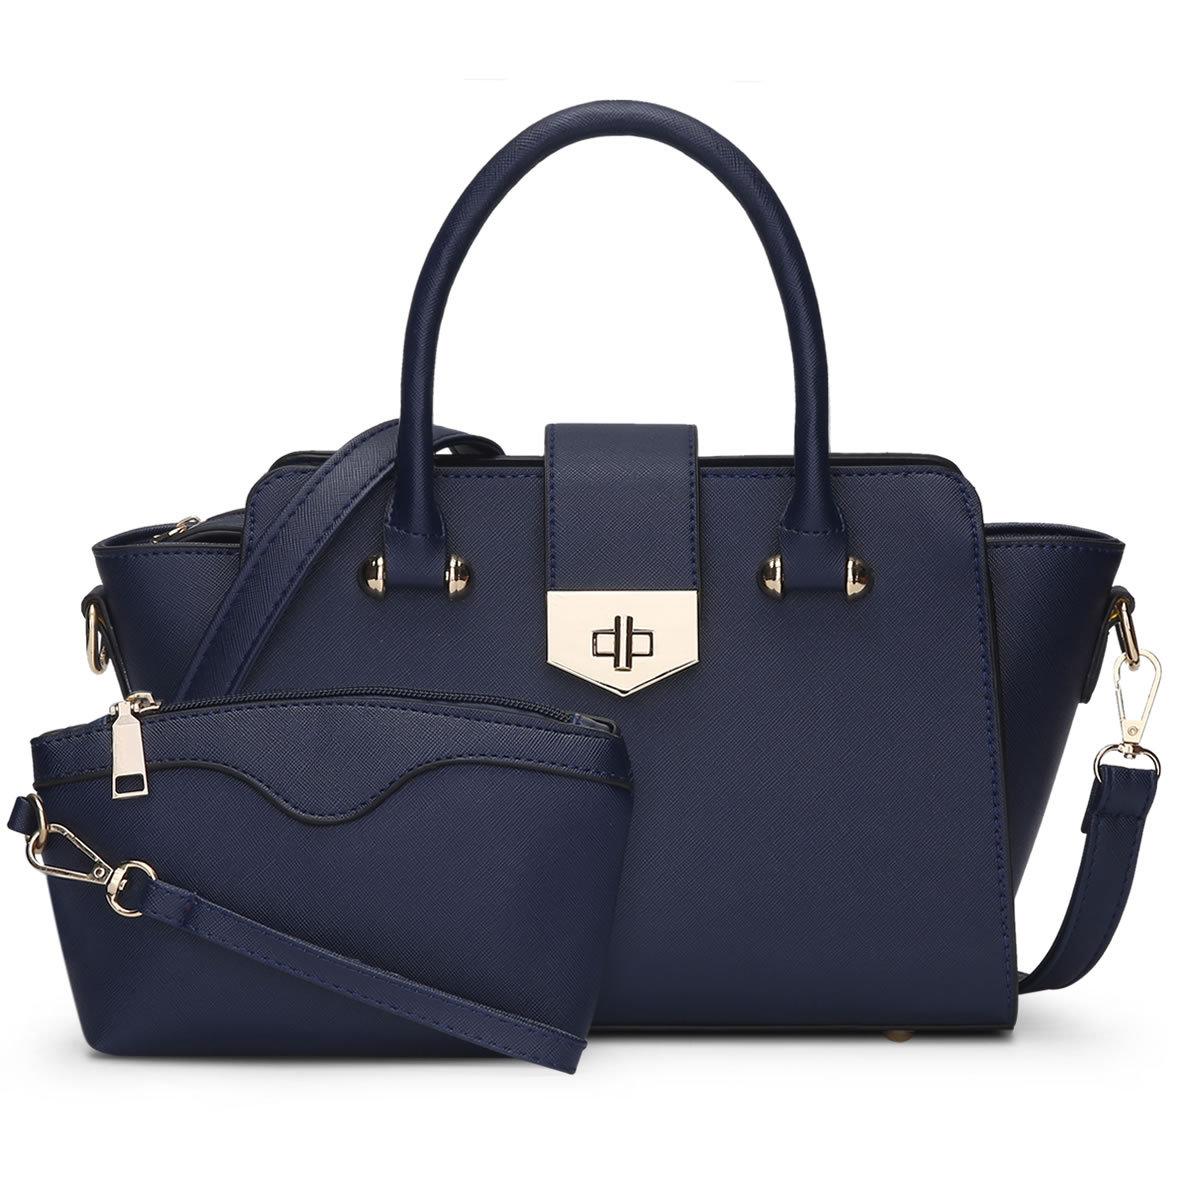 ขายส่งกระเป๋าผู้หญิงถือและสะพายข้าง เซ็ต 2 ใบ ทรงปีก แต่งล๊อกหน้า แฟชั่นเกาหลี Sunny-838 สีน้ำเงิน